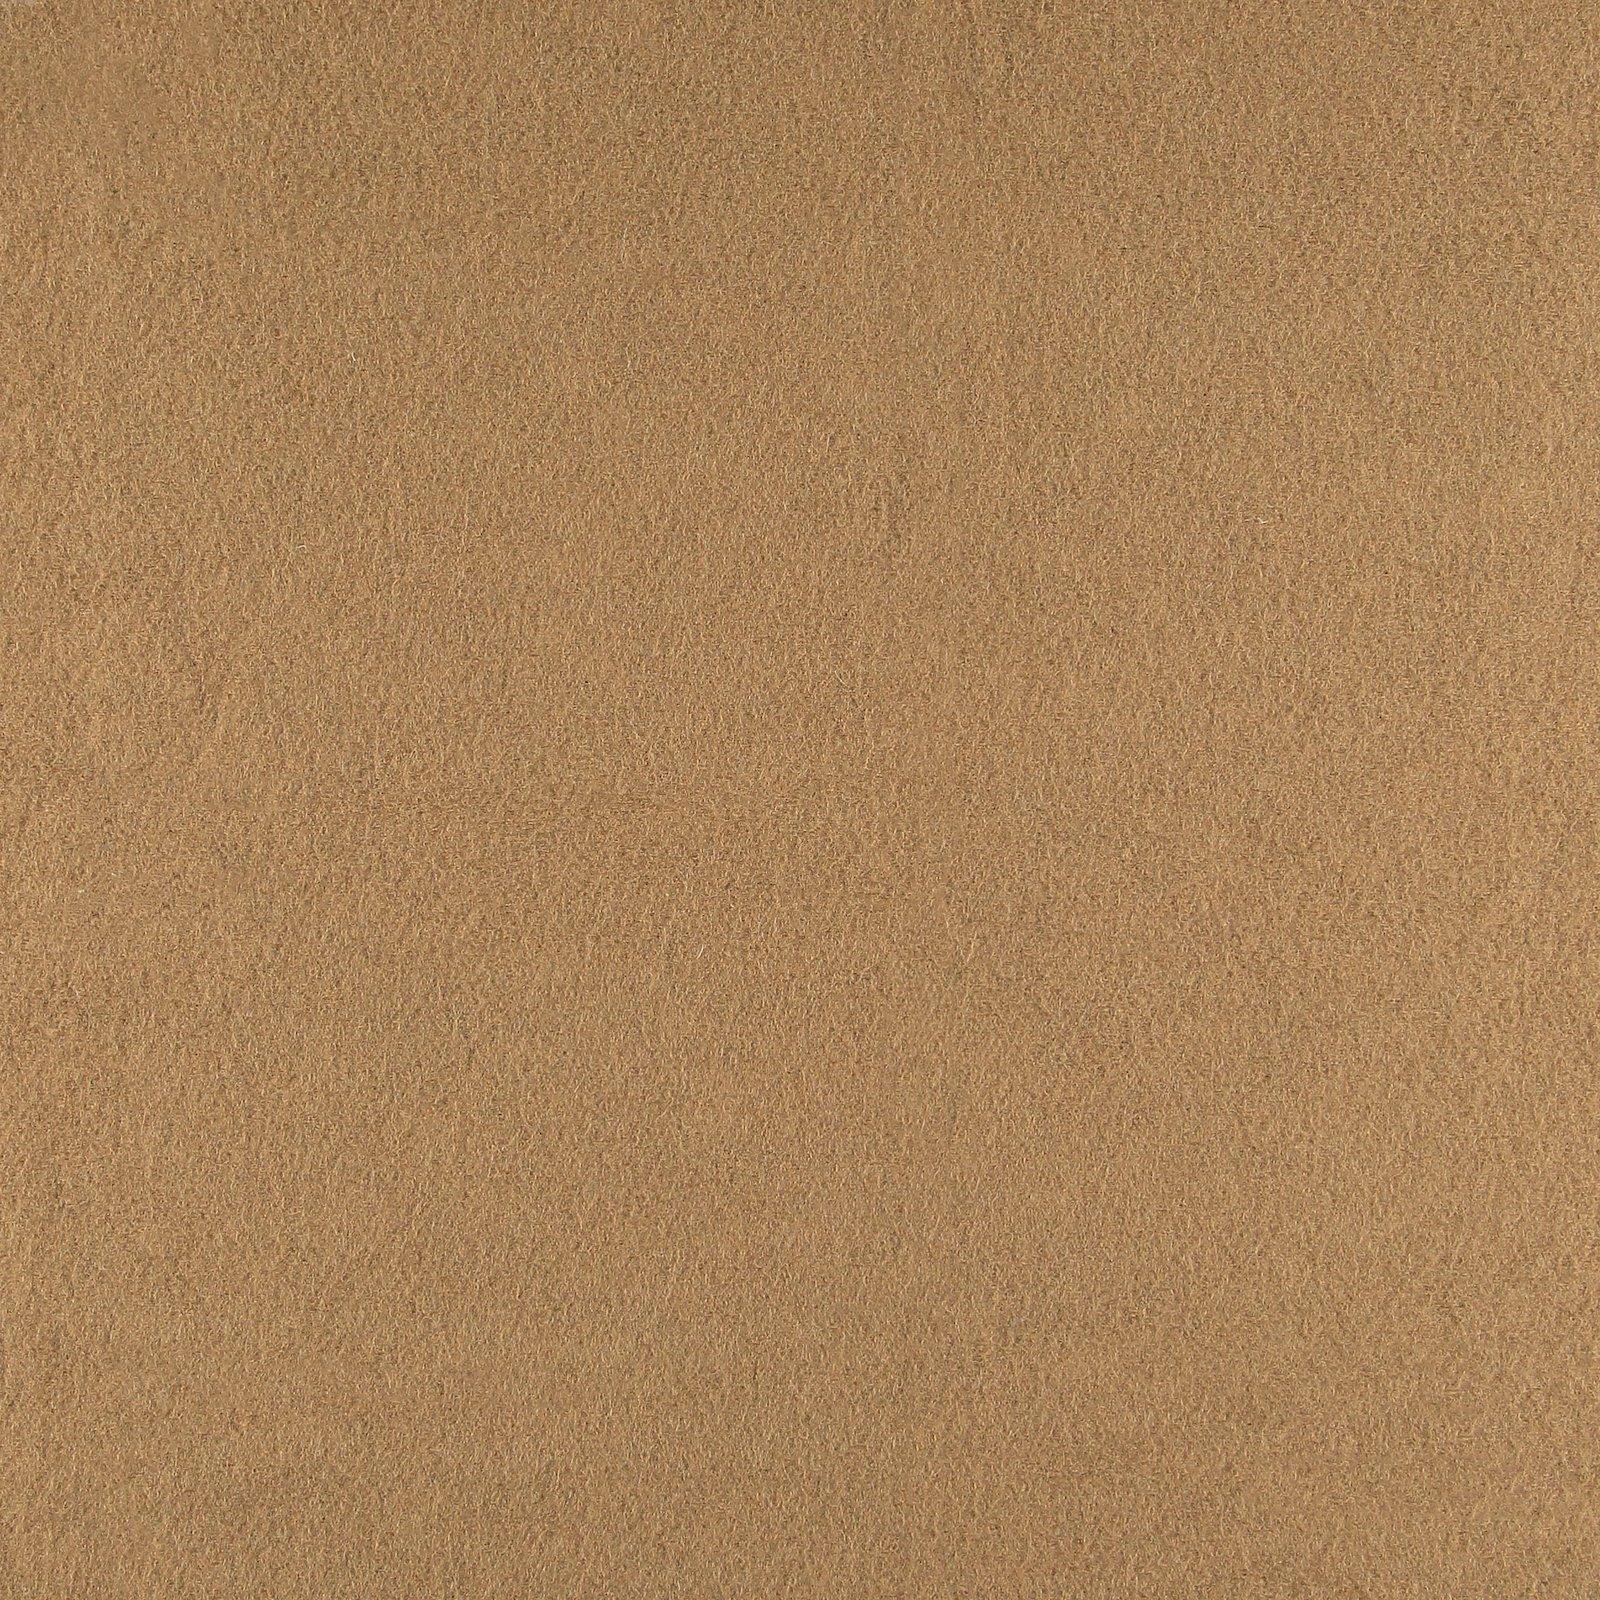 Wool felt dark beige melange 310361_pack_solid